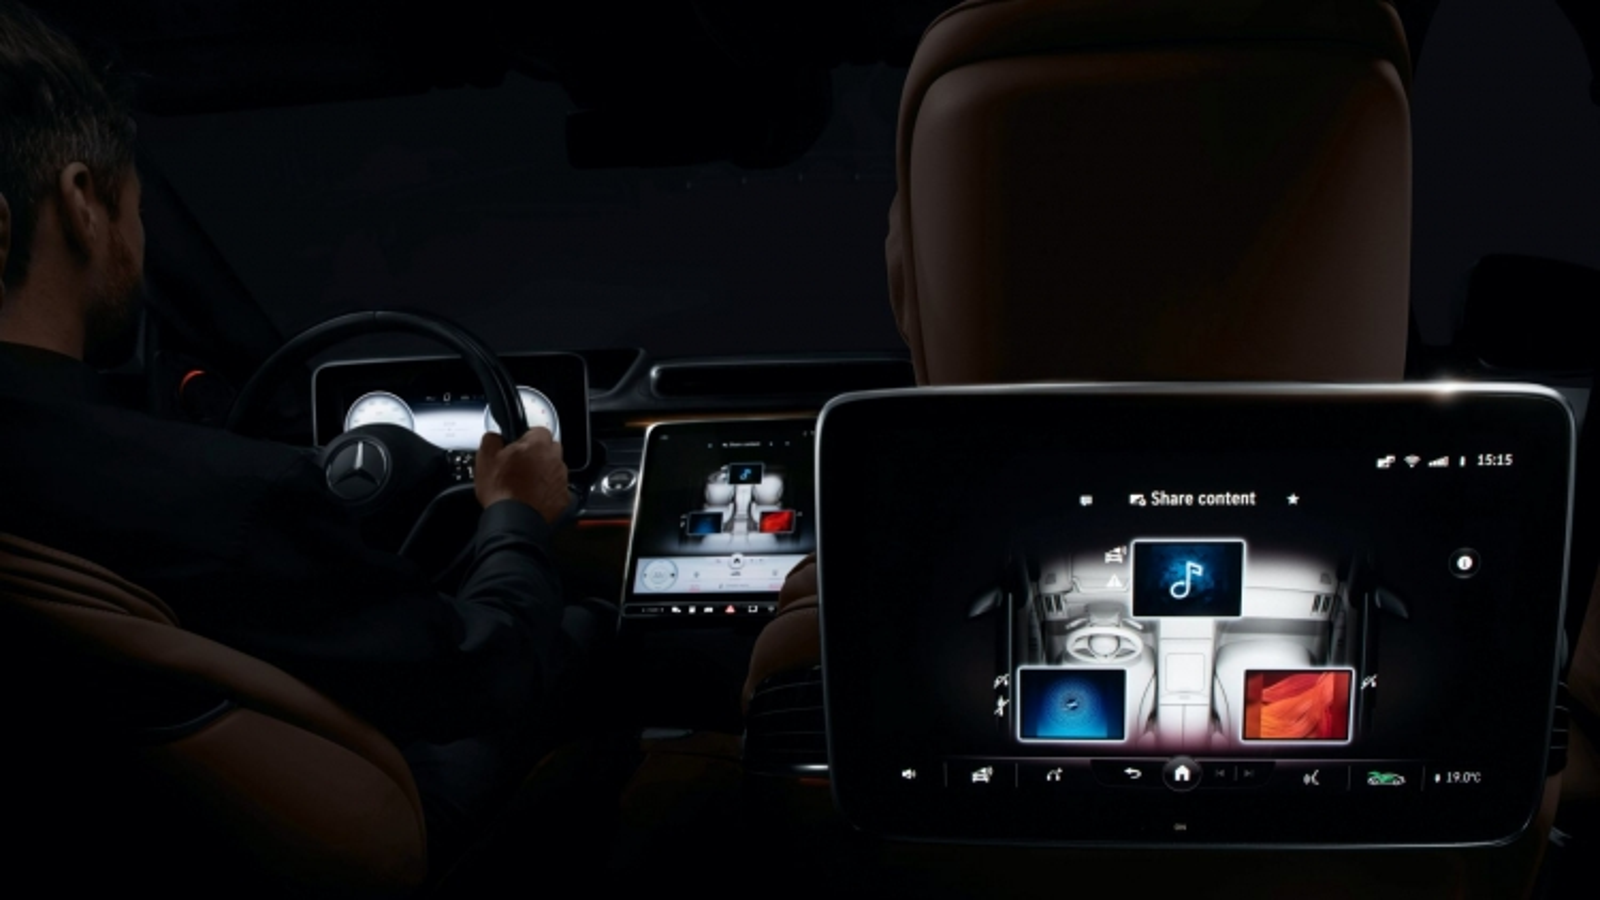 Hình ảnh dự đoán về chiếc Mercedes-Benz S-Class 2021